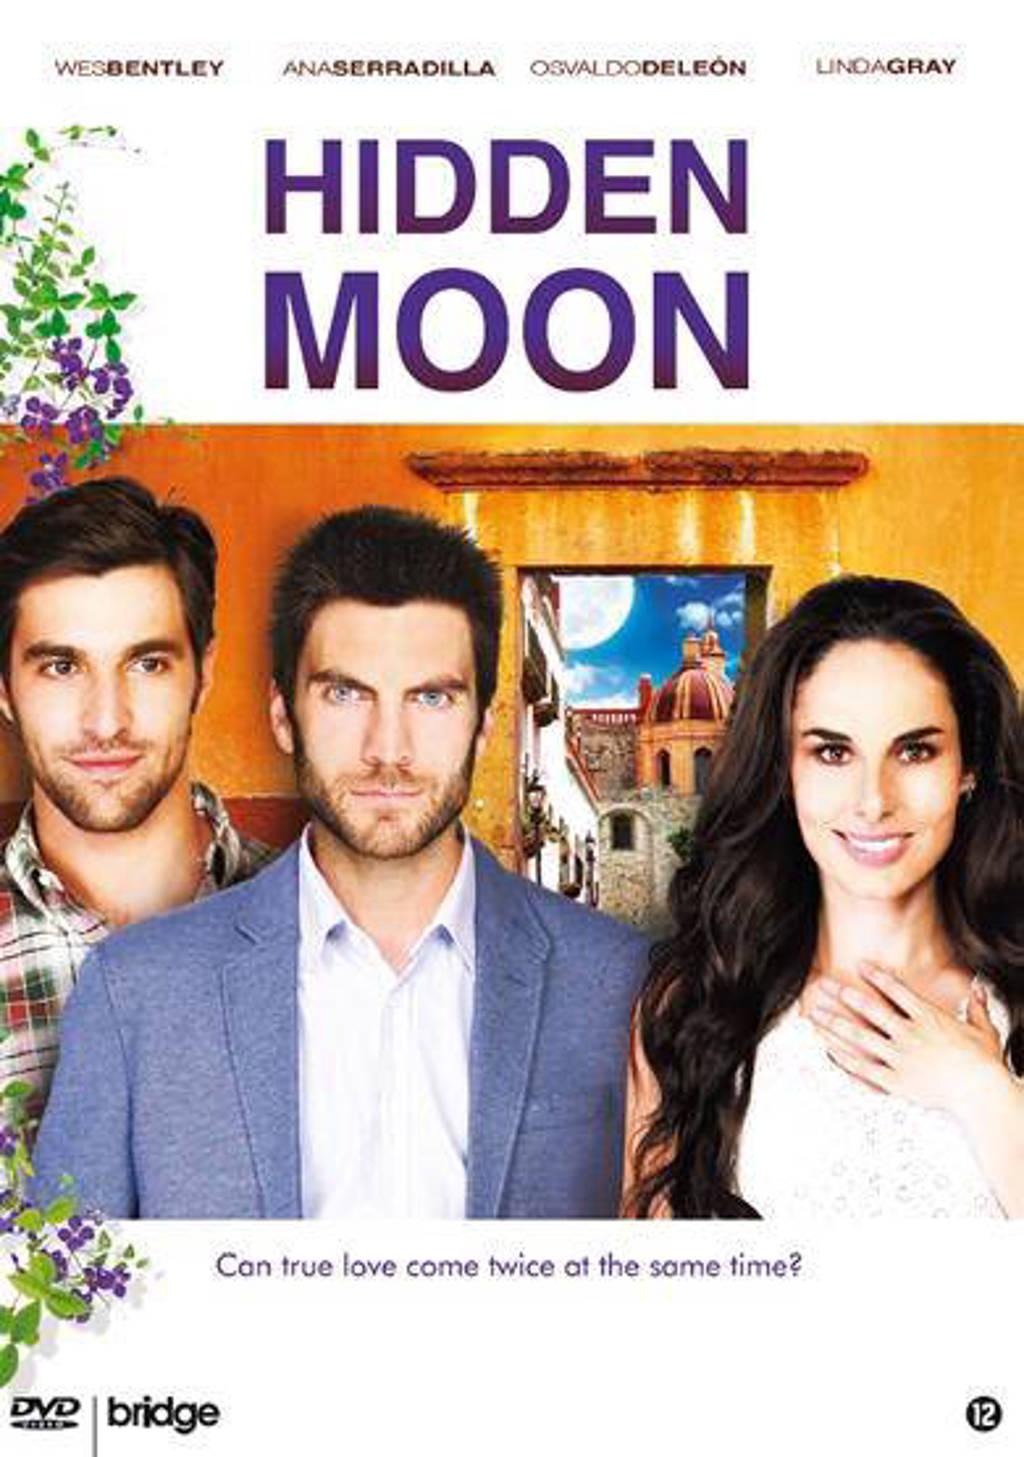 Hidden moon (DVD)